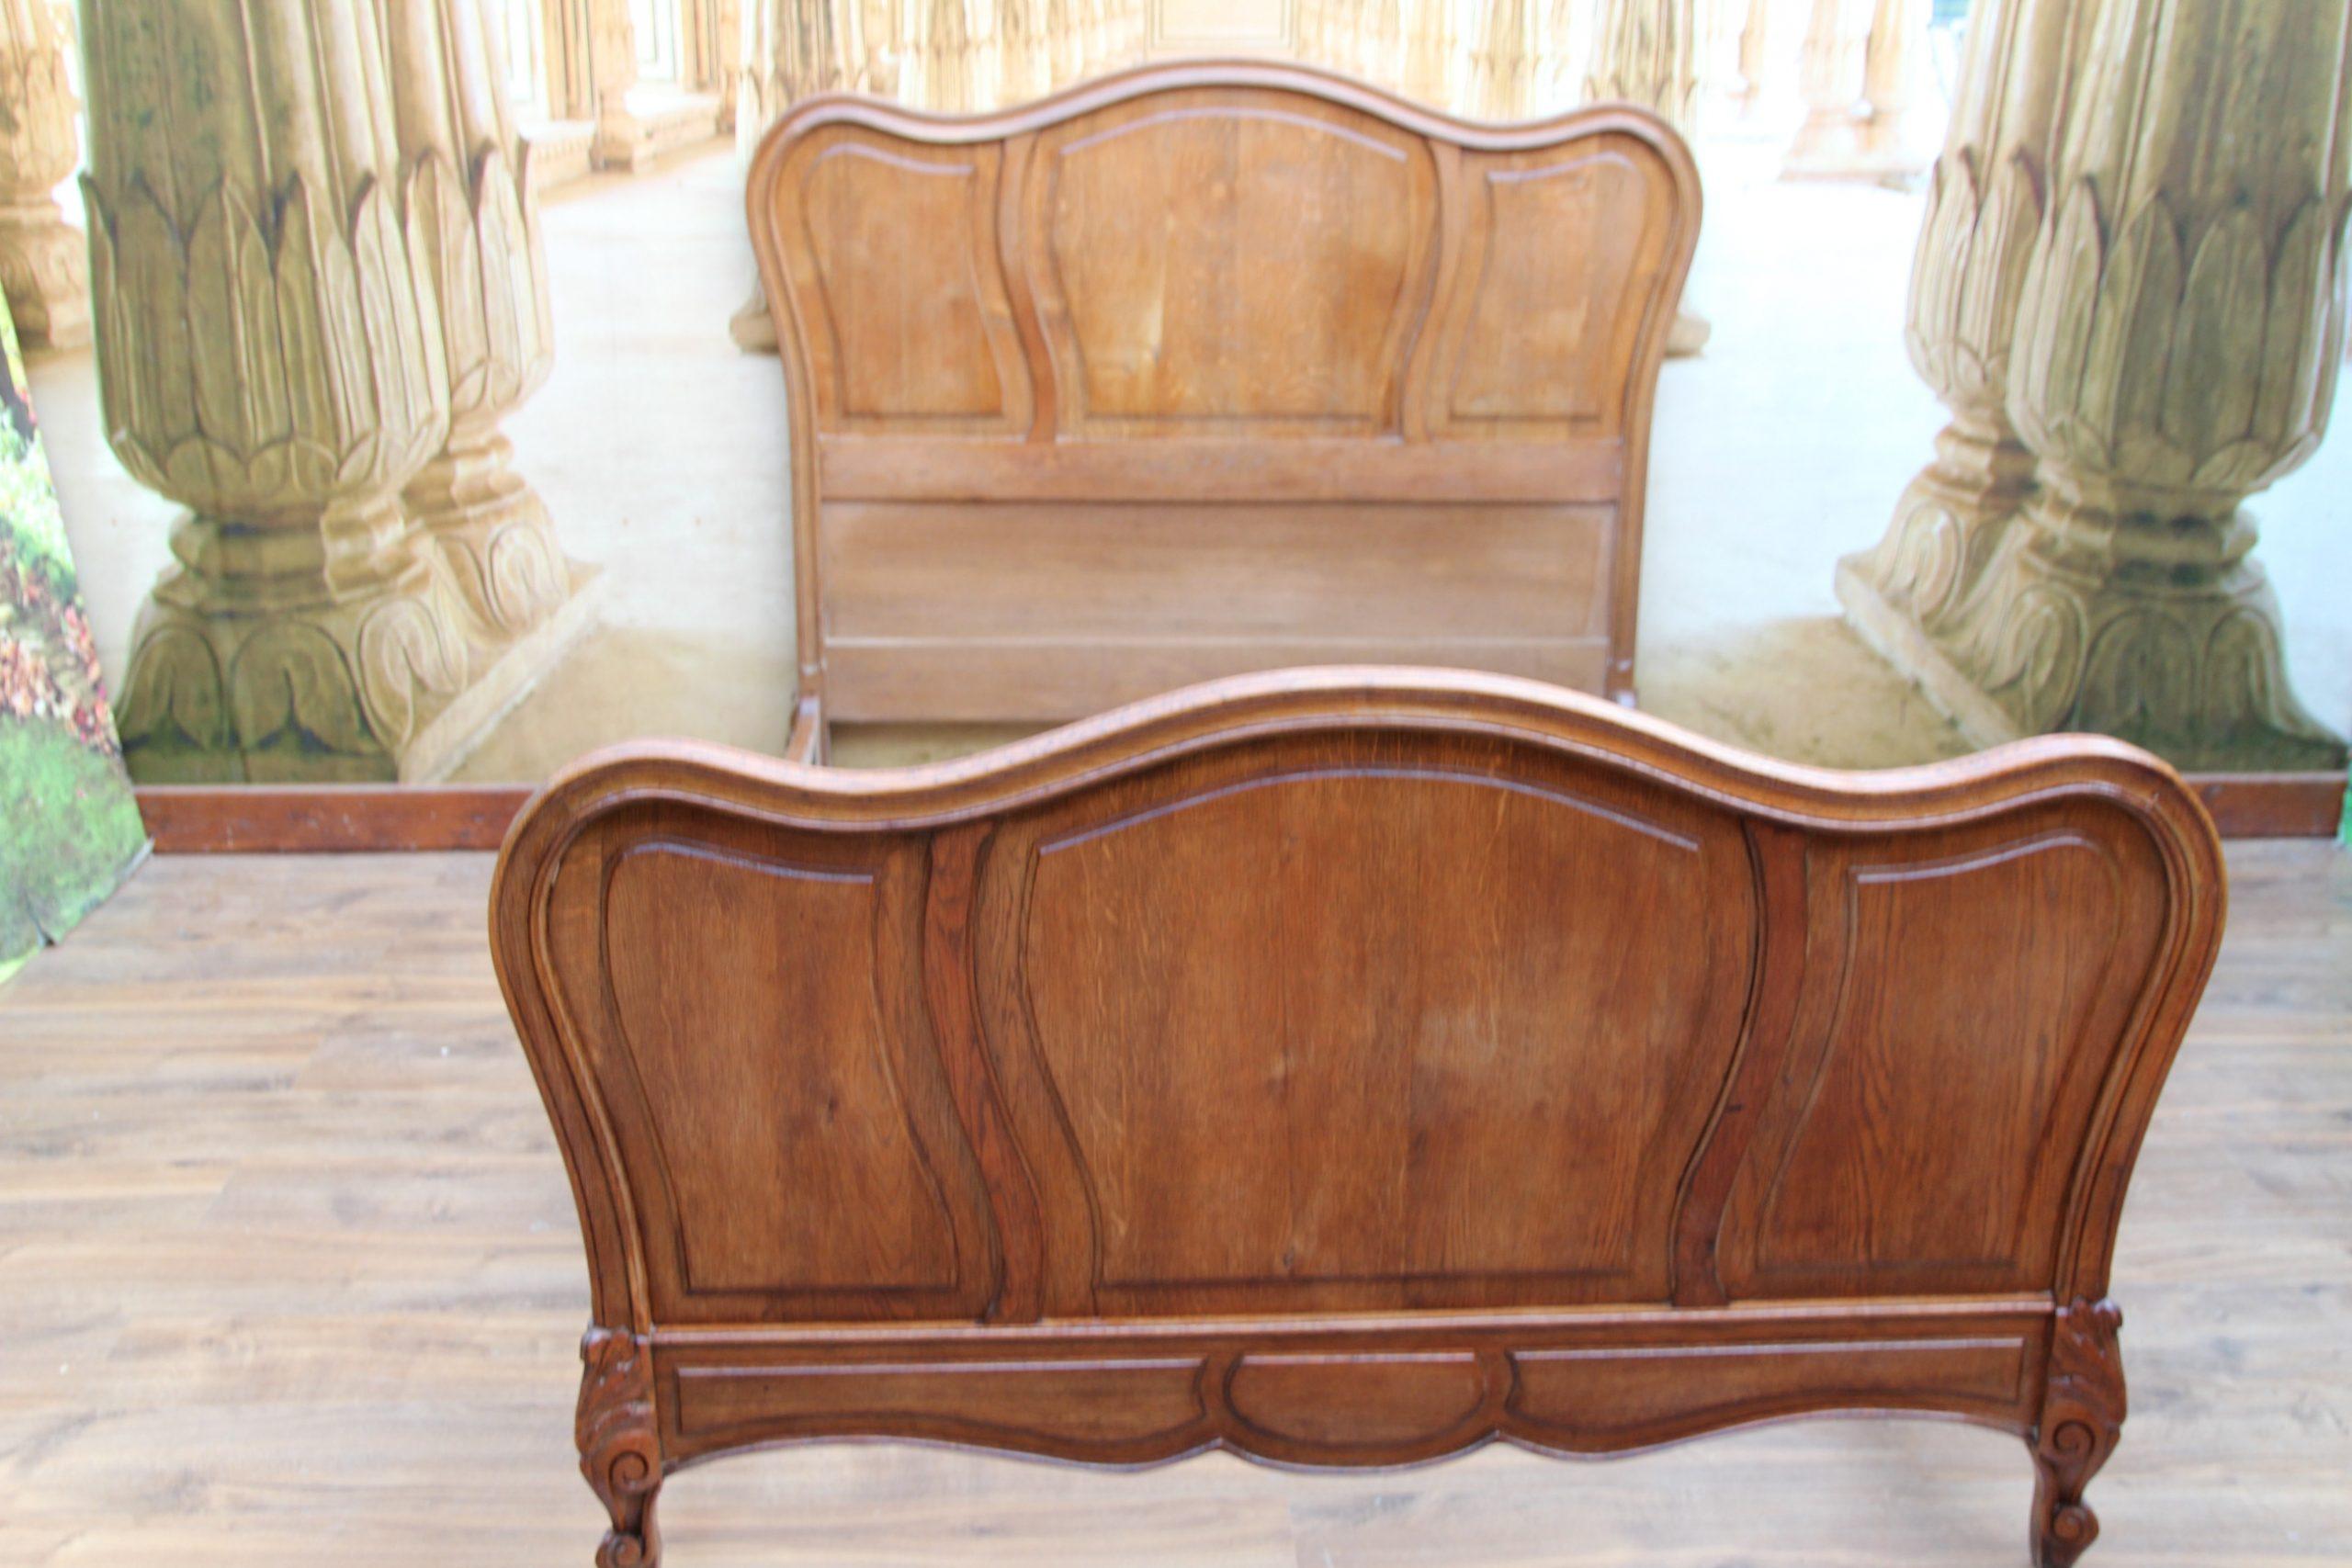 Full Size of Bett Barock Rauch Betten 140x200 Mit Bettkasten Modern Design Weiss 2x2m Kaufen Günstig Weißes 160x200 Wohnwert Metall Rückenlehne Massiv 180x200 Designer Bett Bett Barock